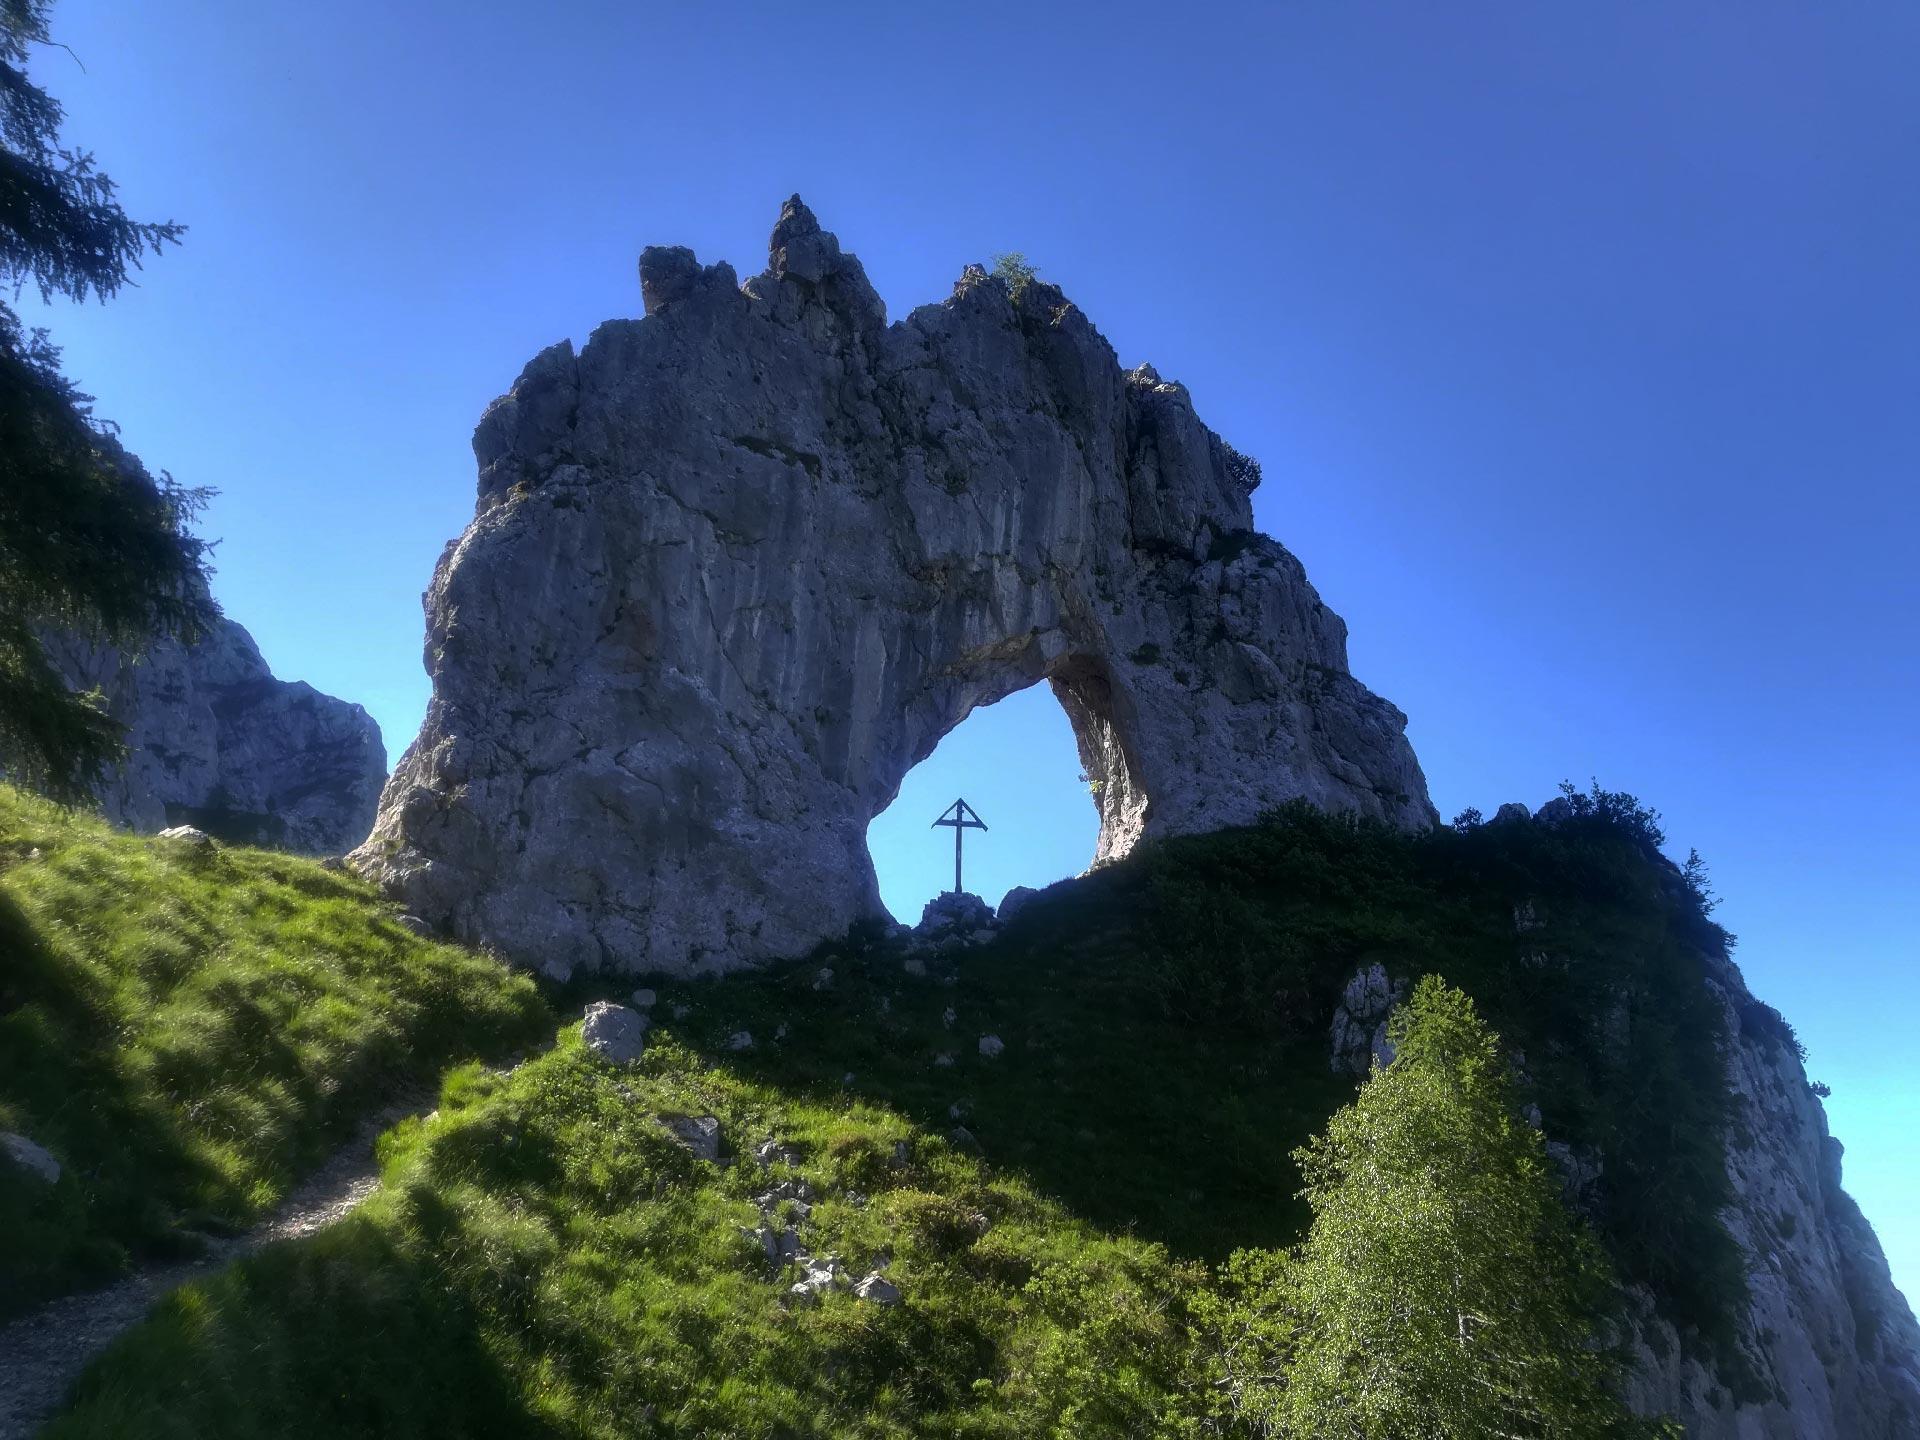 veduta della Porta di Prada, conformazione rocciosa frastagliata con un enorme foro al centro, come un portone, Grignone, Lecco, Lombardia